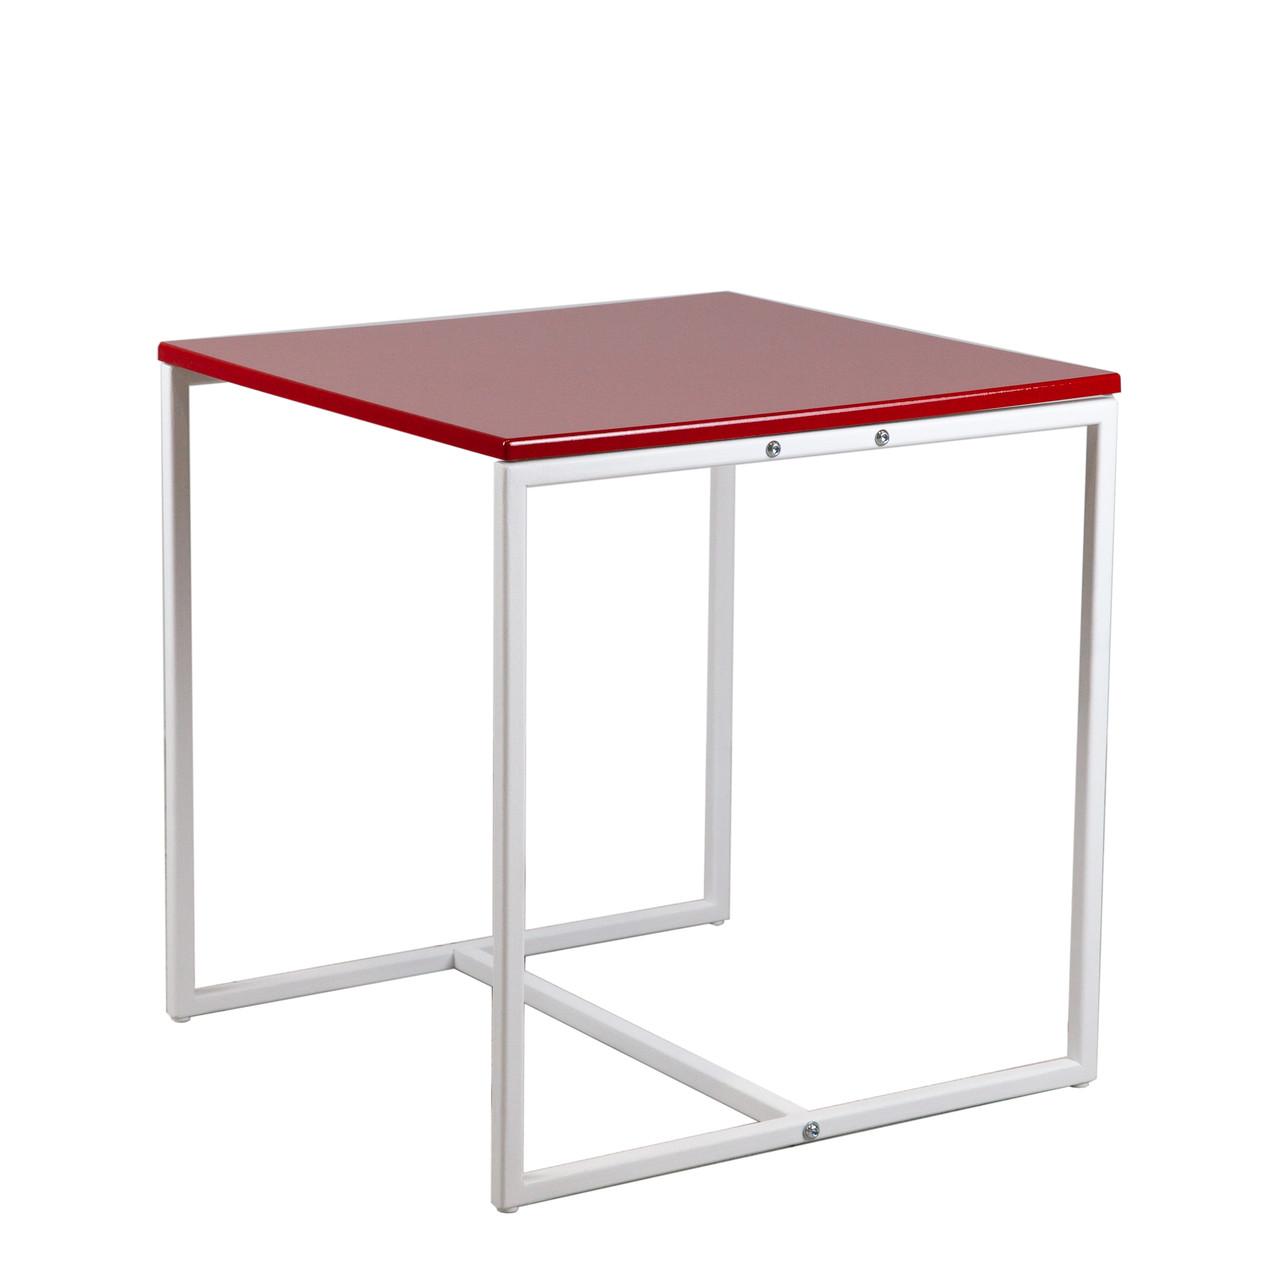 Commus стіл журнальний Куб 400 червоний/білий